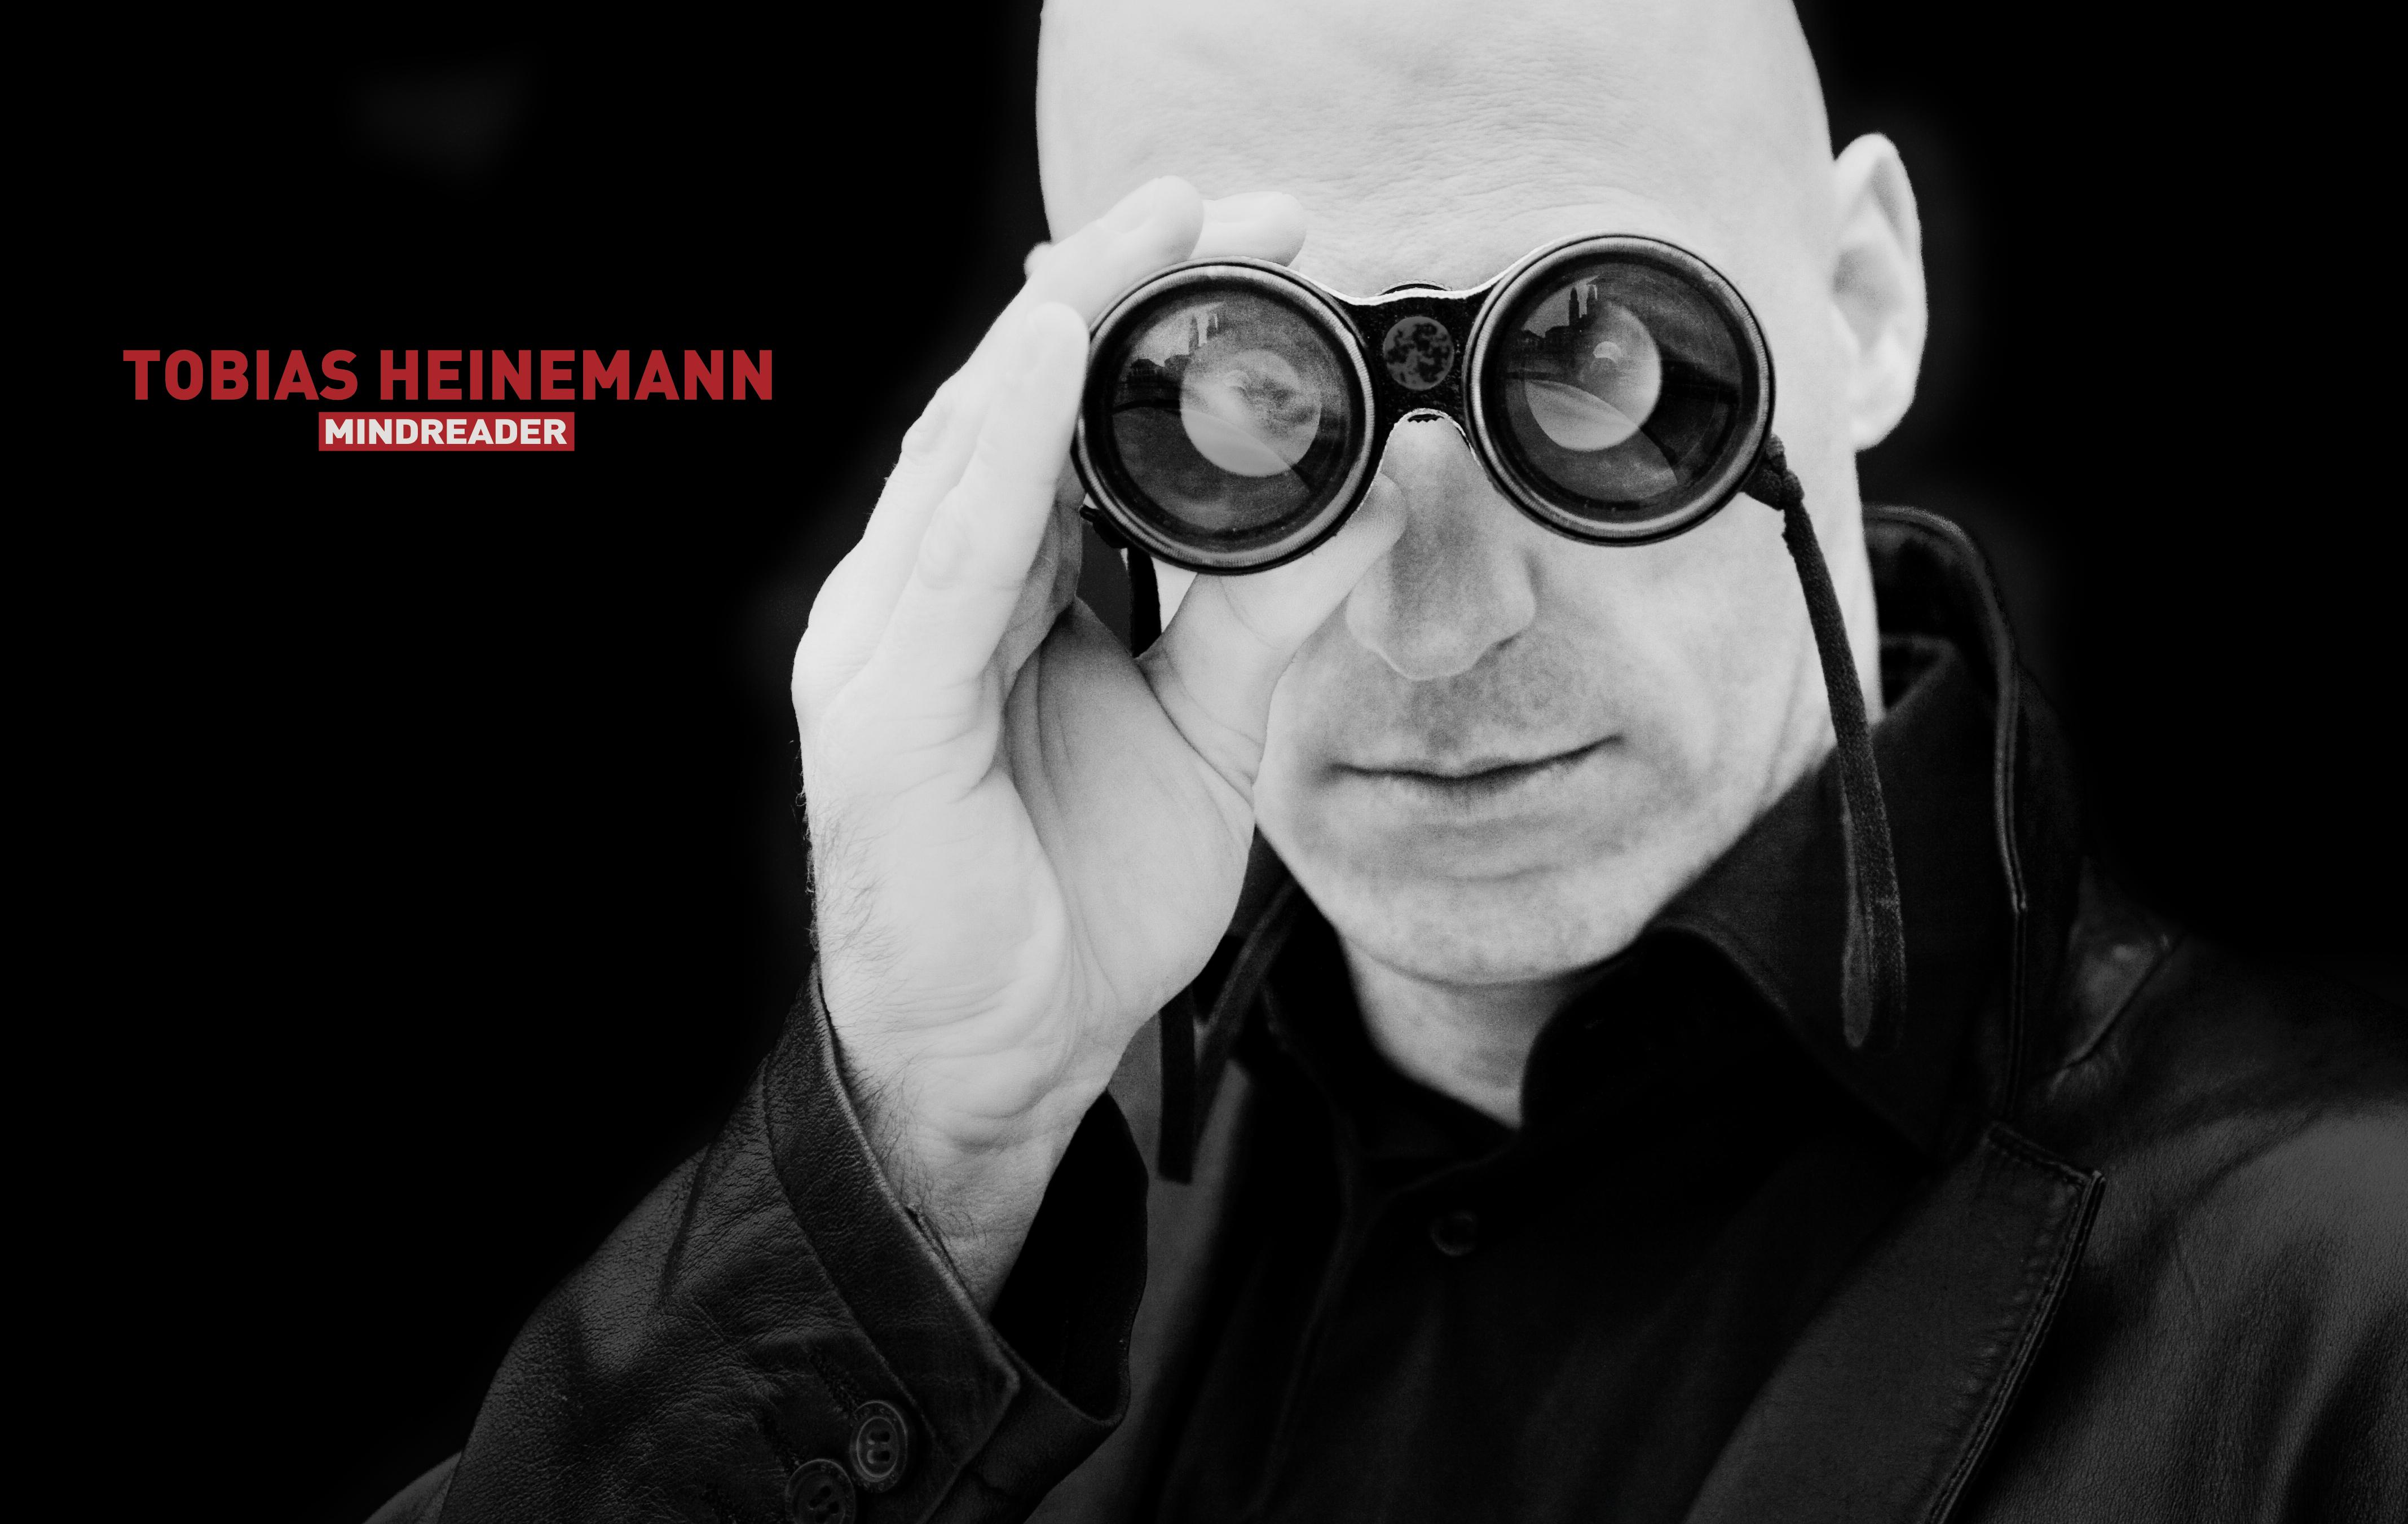 Tobias Heinemann